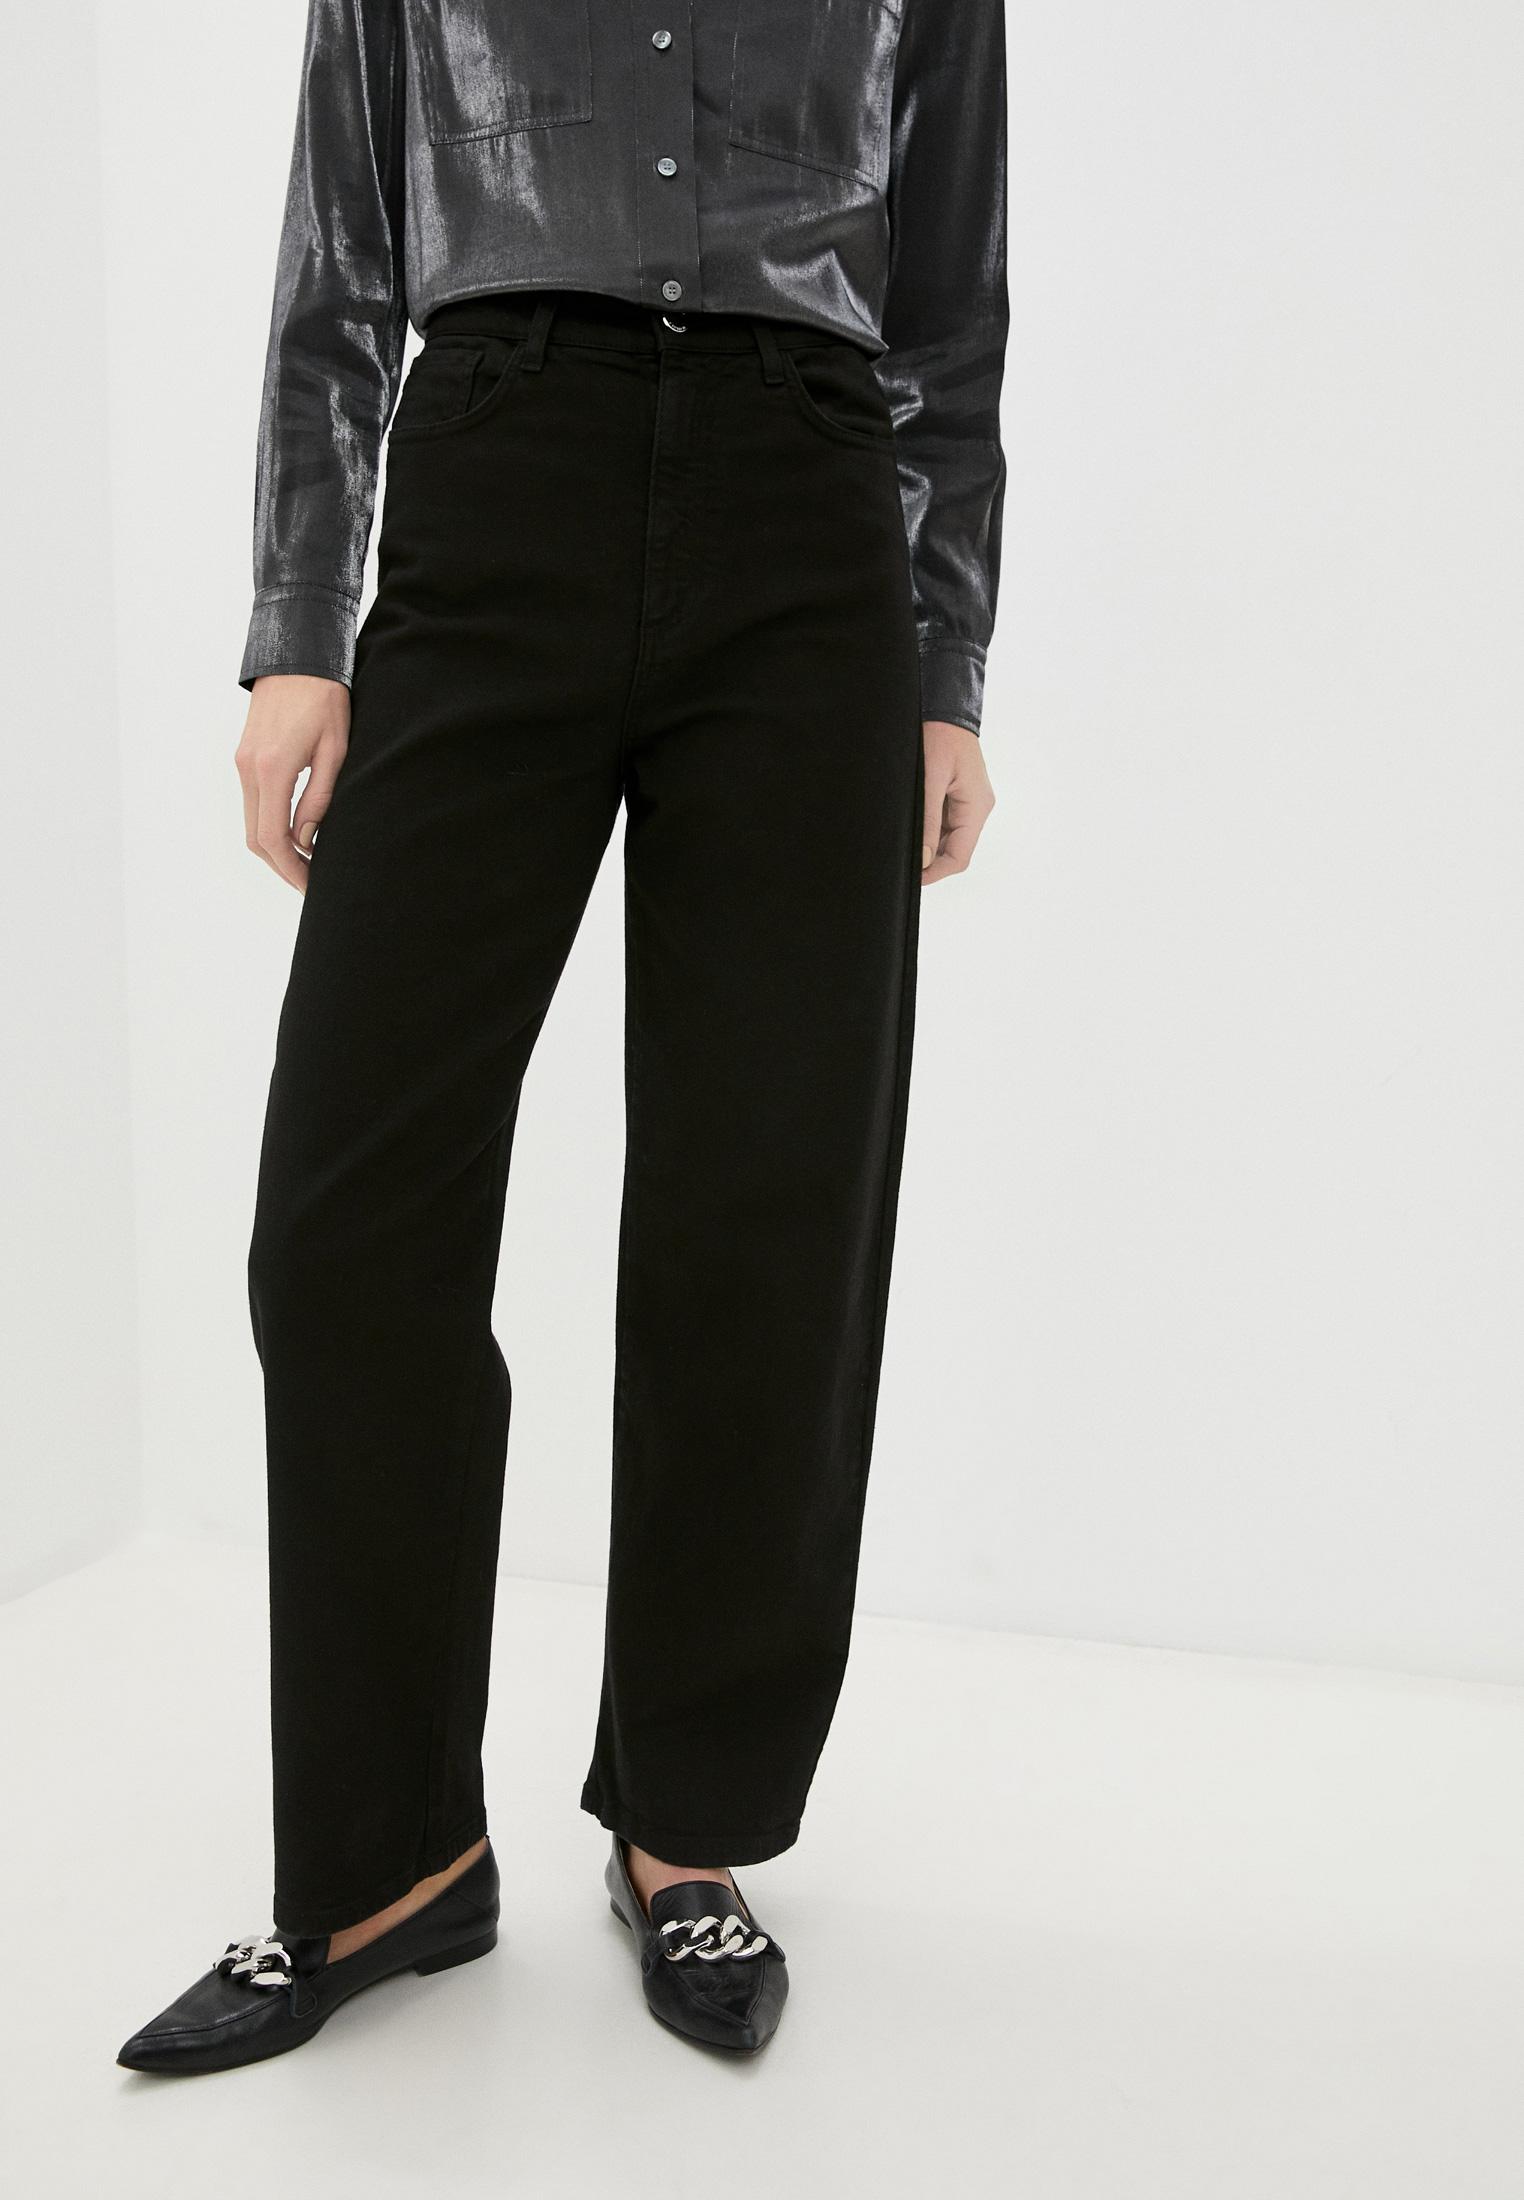 Широкие и расклешенные джинсы Beatrice. B Джинсы Beatrice.B